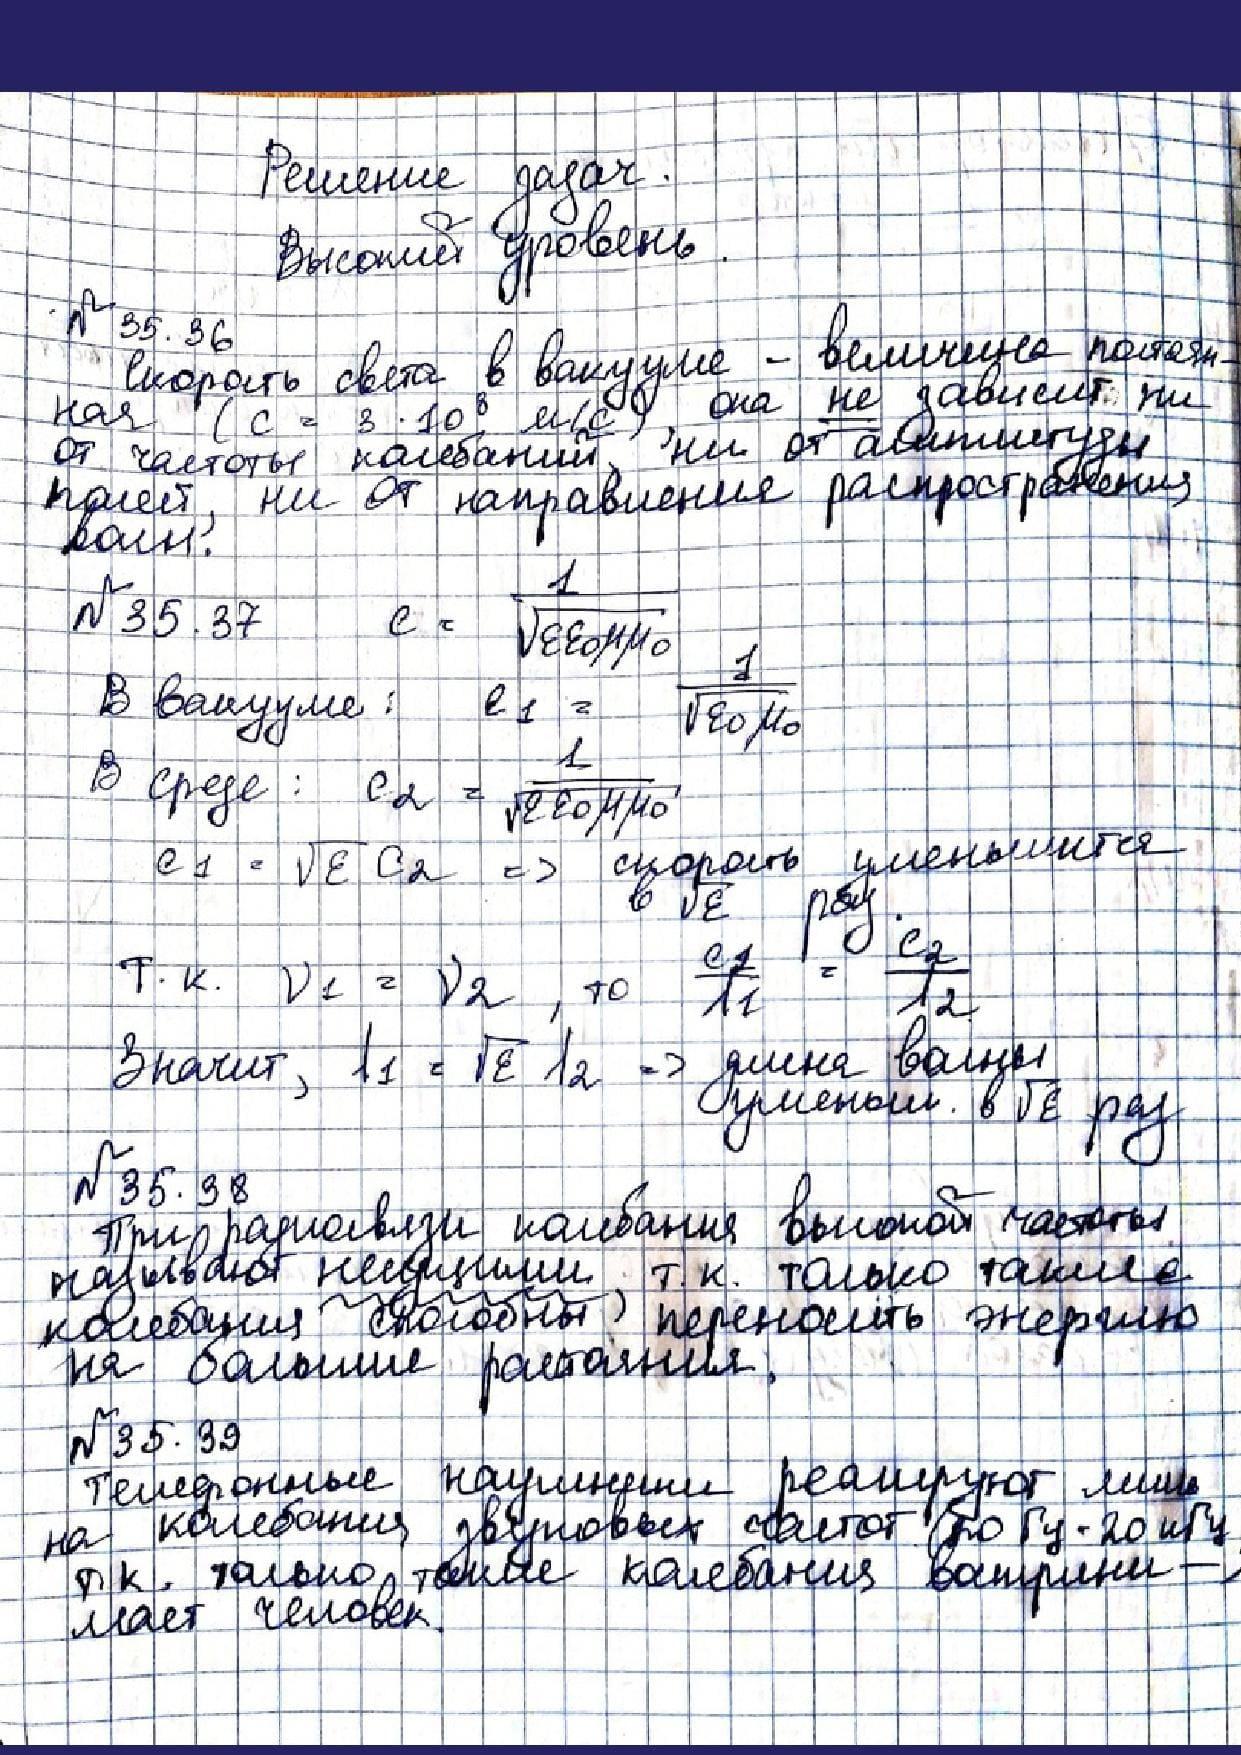 Решение задач . Высокий уровень. Задача № 35.36, № 35.37, № 35.38, № 35.39